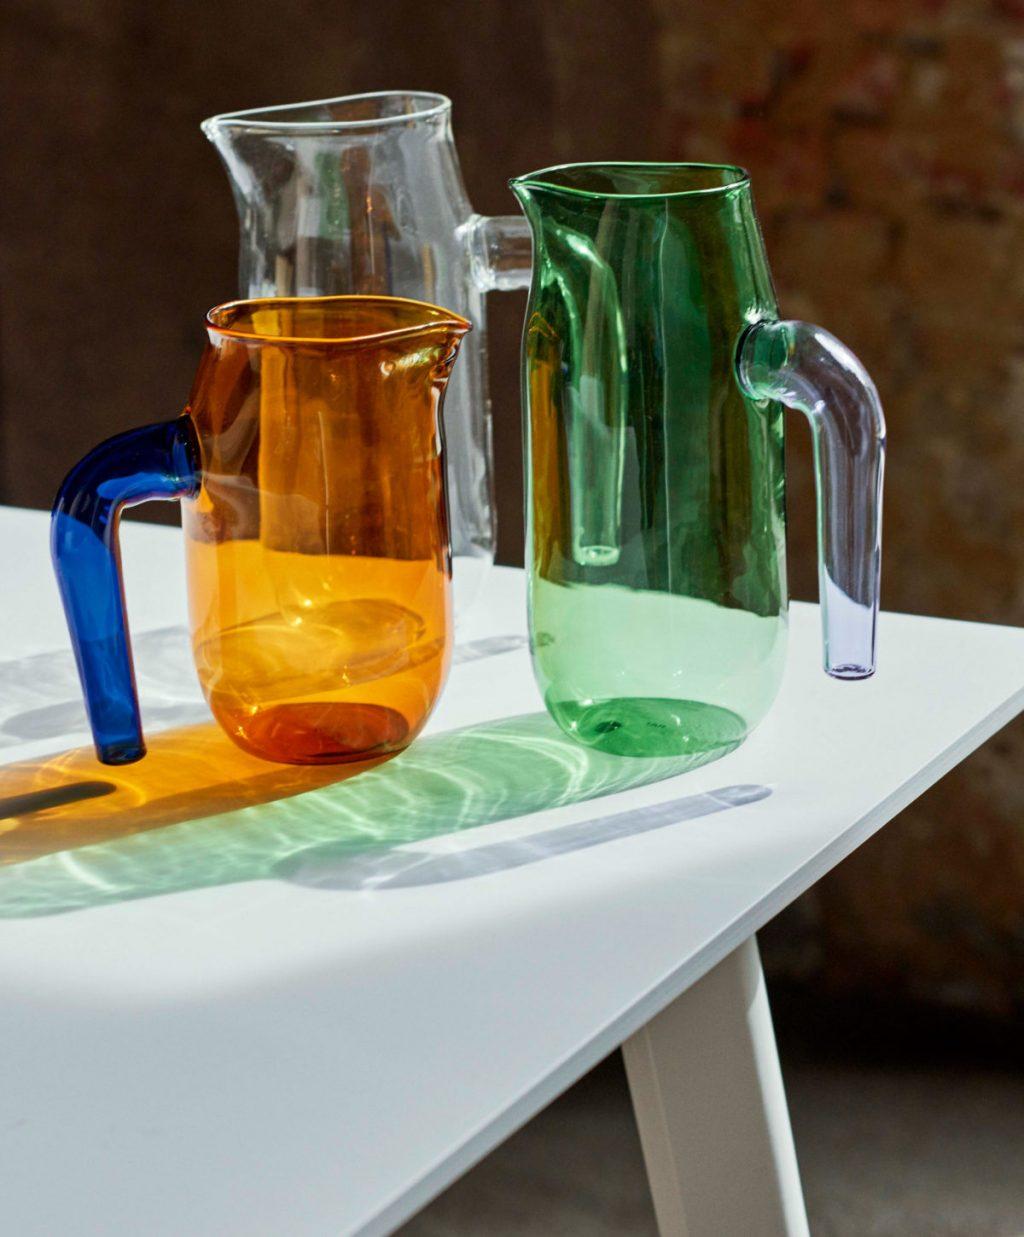 ガラス作家 Jochen HolzがHAYのためにデザインしたジャグ。美しいカラーリング♡